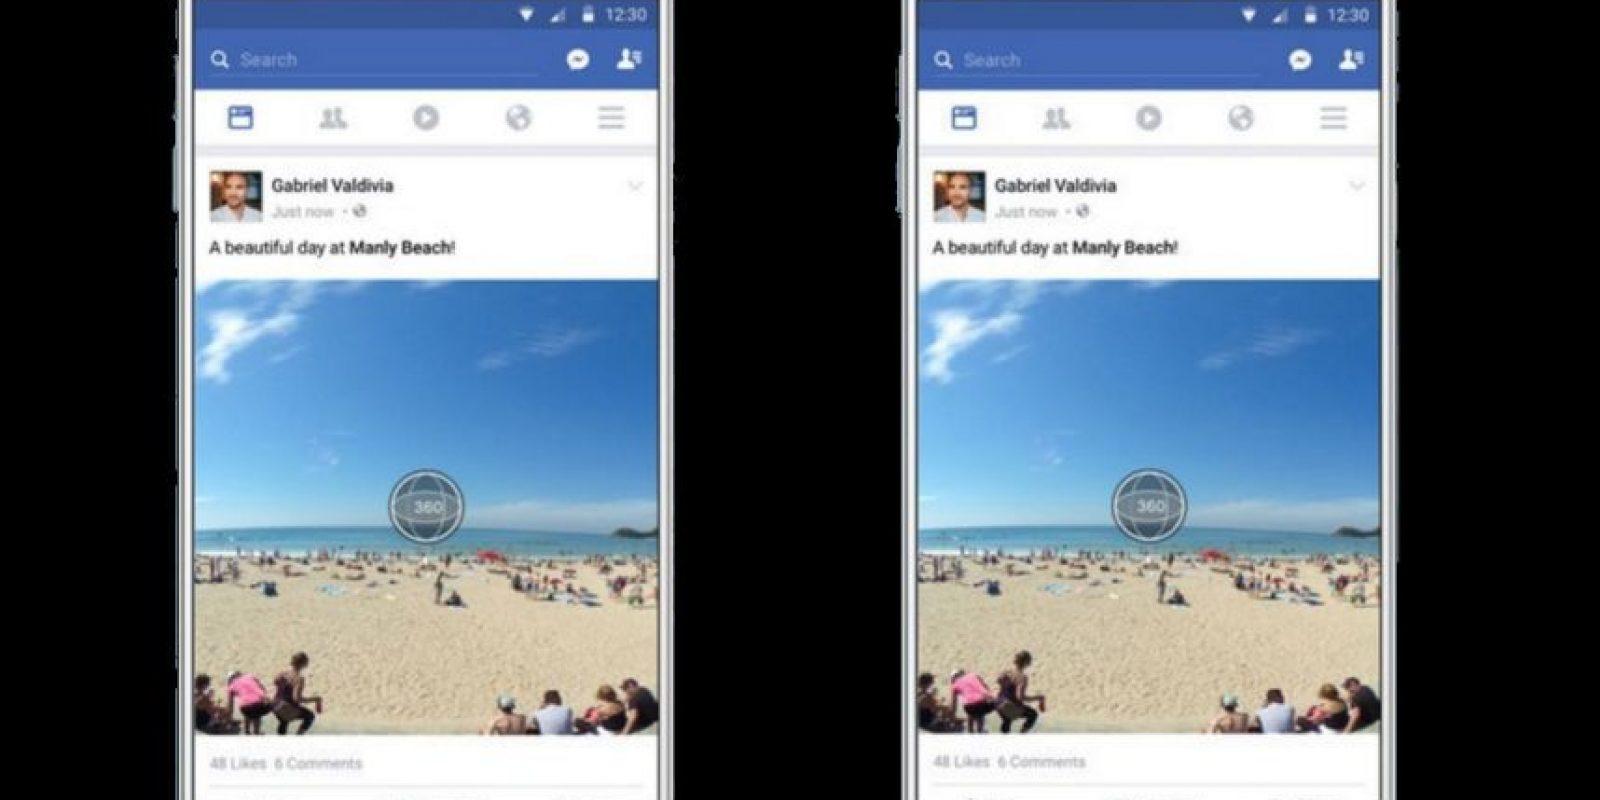 Los videos de 360º llegaron a Facebook en 2015. Foto:Facebook